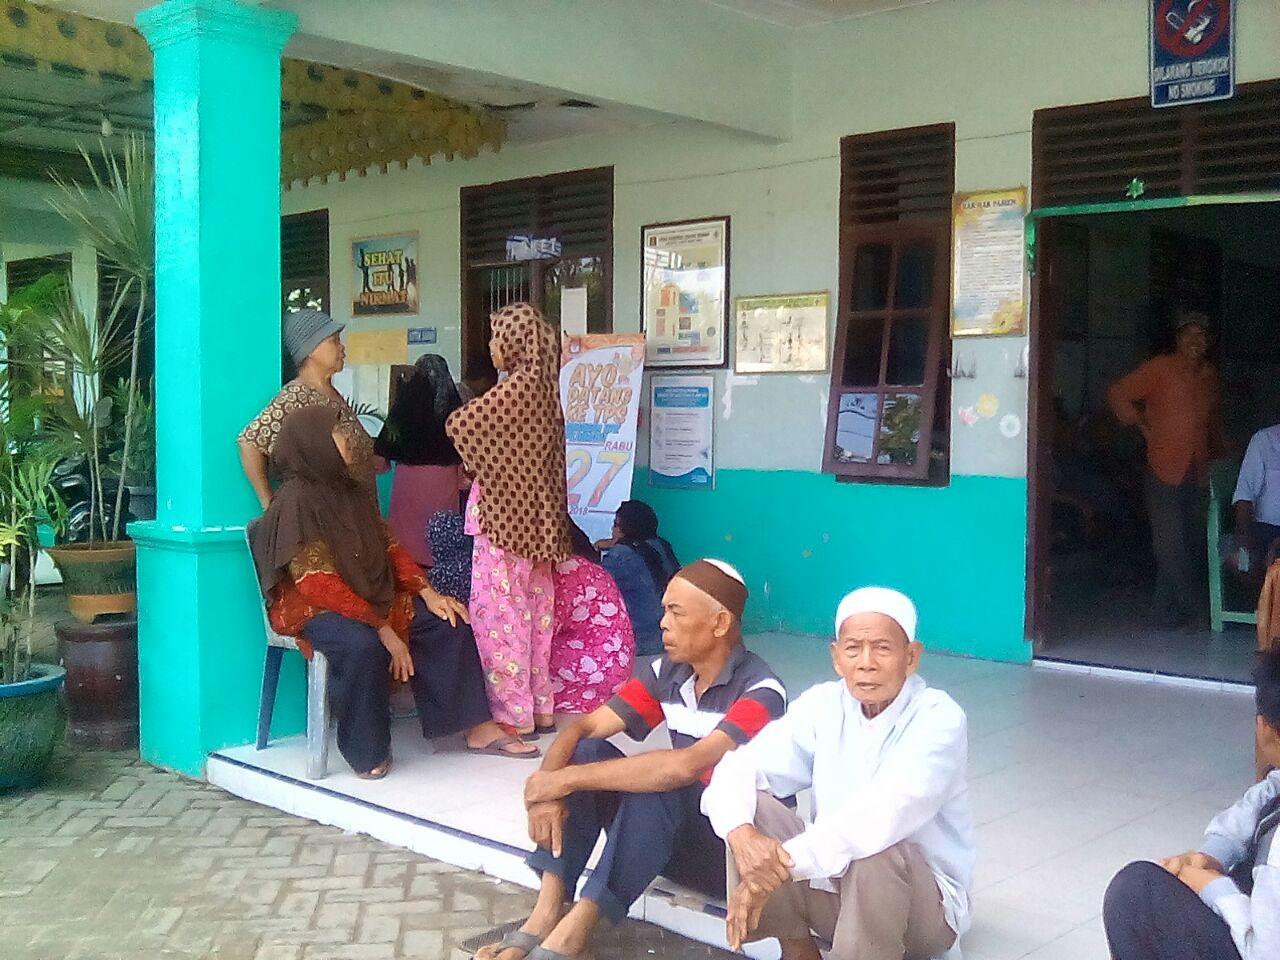 Pasien Puskesmas Tanjung Beringin Tak Terlayani Sudah Sakit Duduk Dilantai